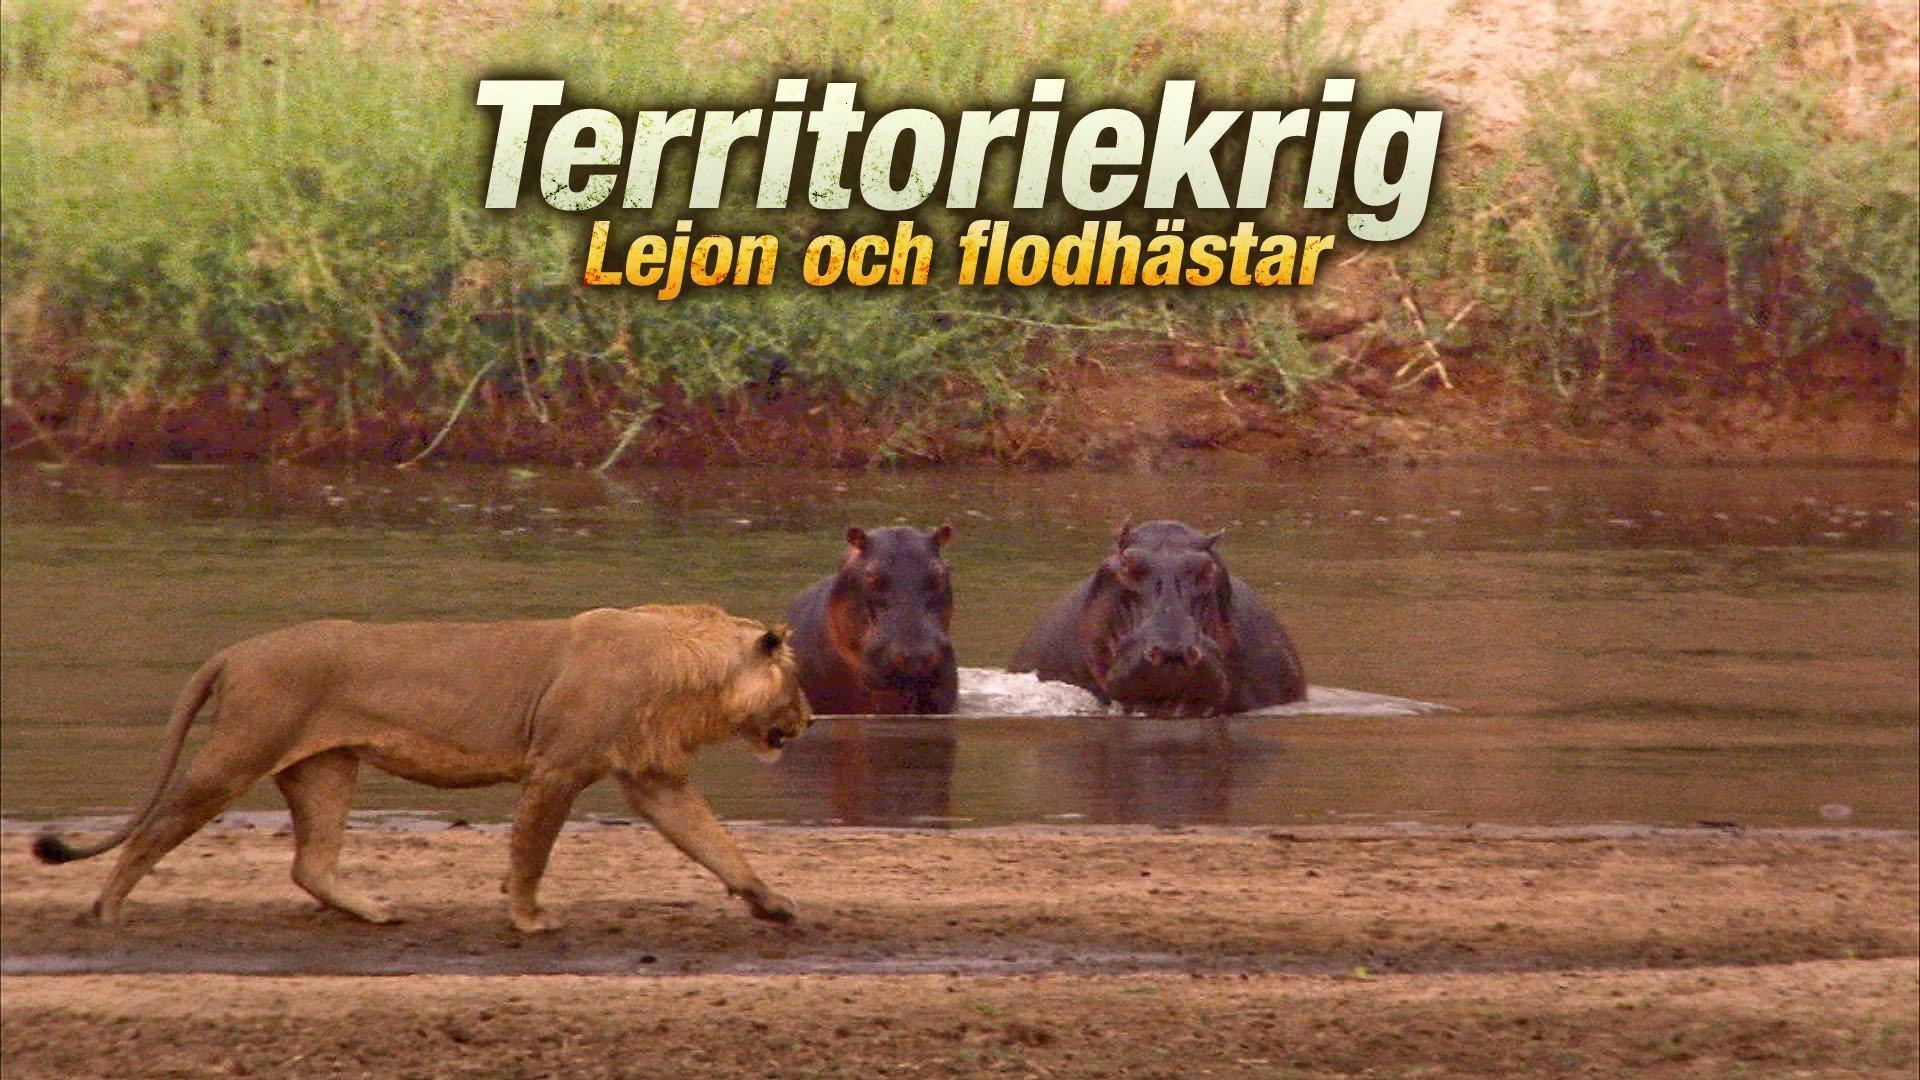 Territoriekrig: Lejon och flodhästar